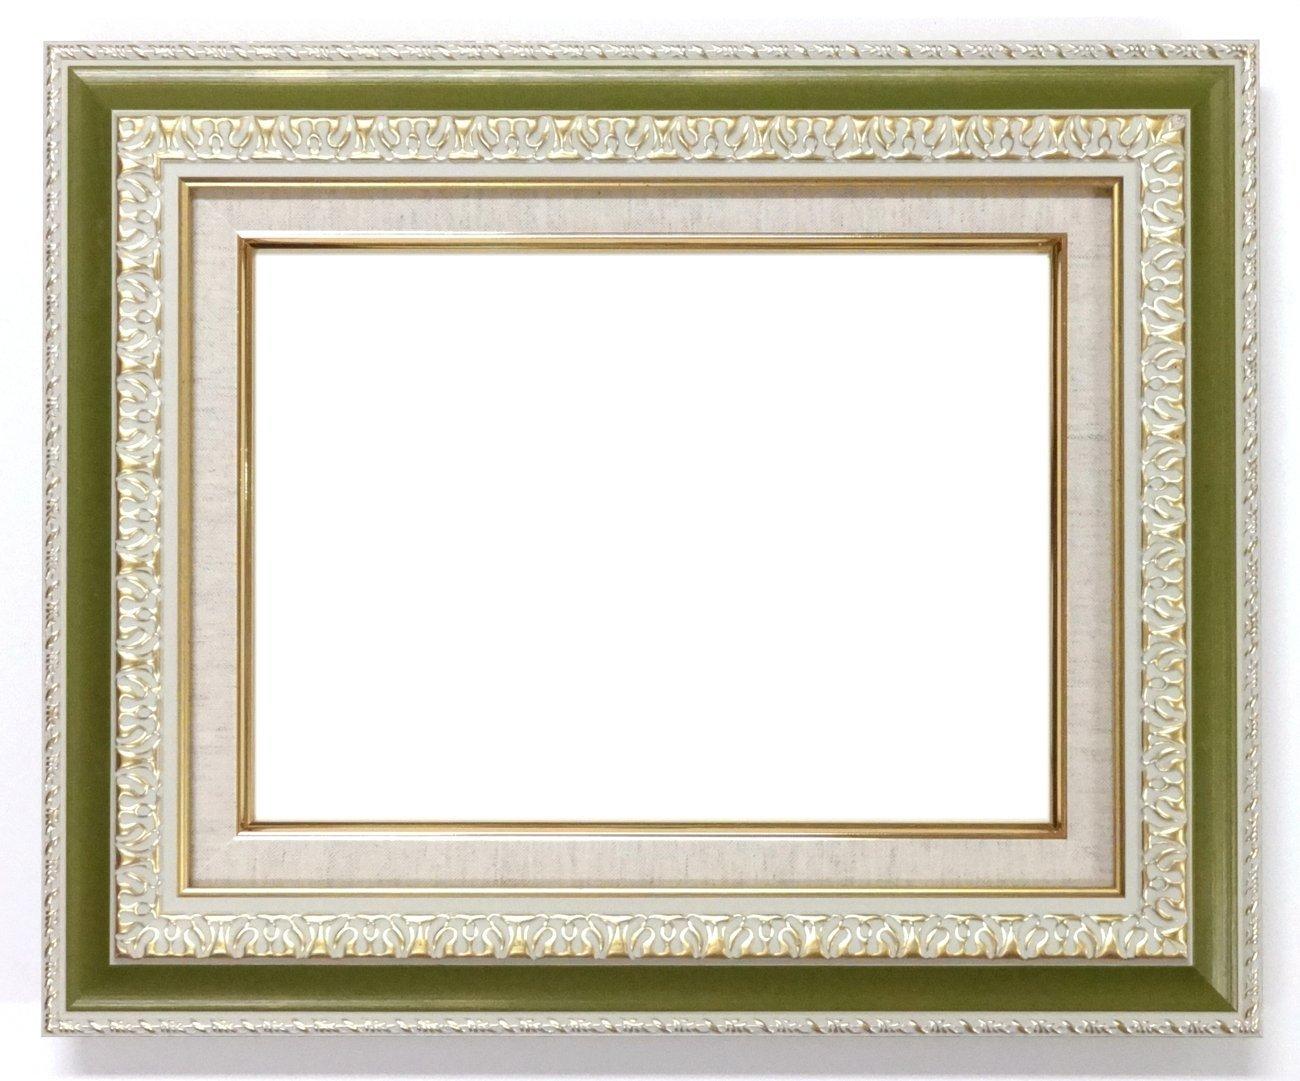 大額 油彩用額縁 8145 アクリル仕様 壁用フック付 (F10, G/グリーン) B01MYWNPB9 F10|G/グリーン G/グリーン F10